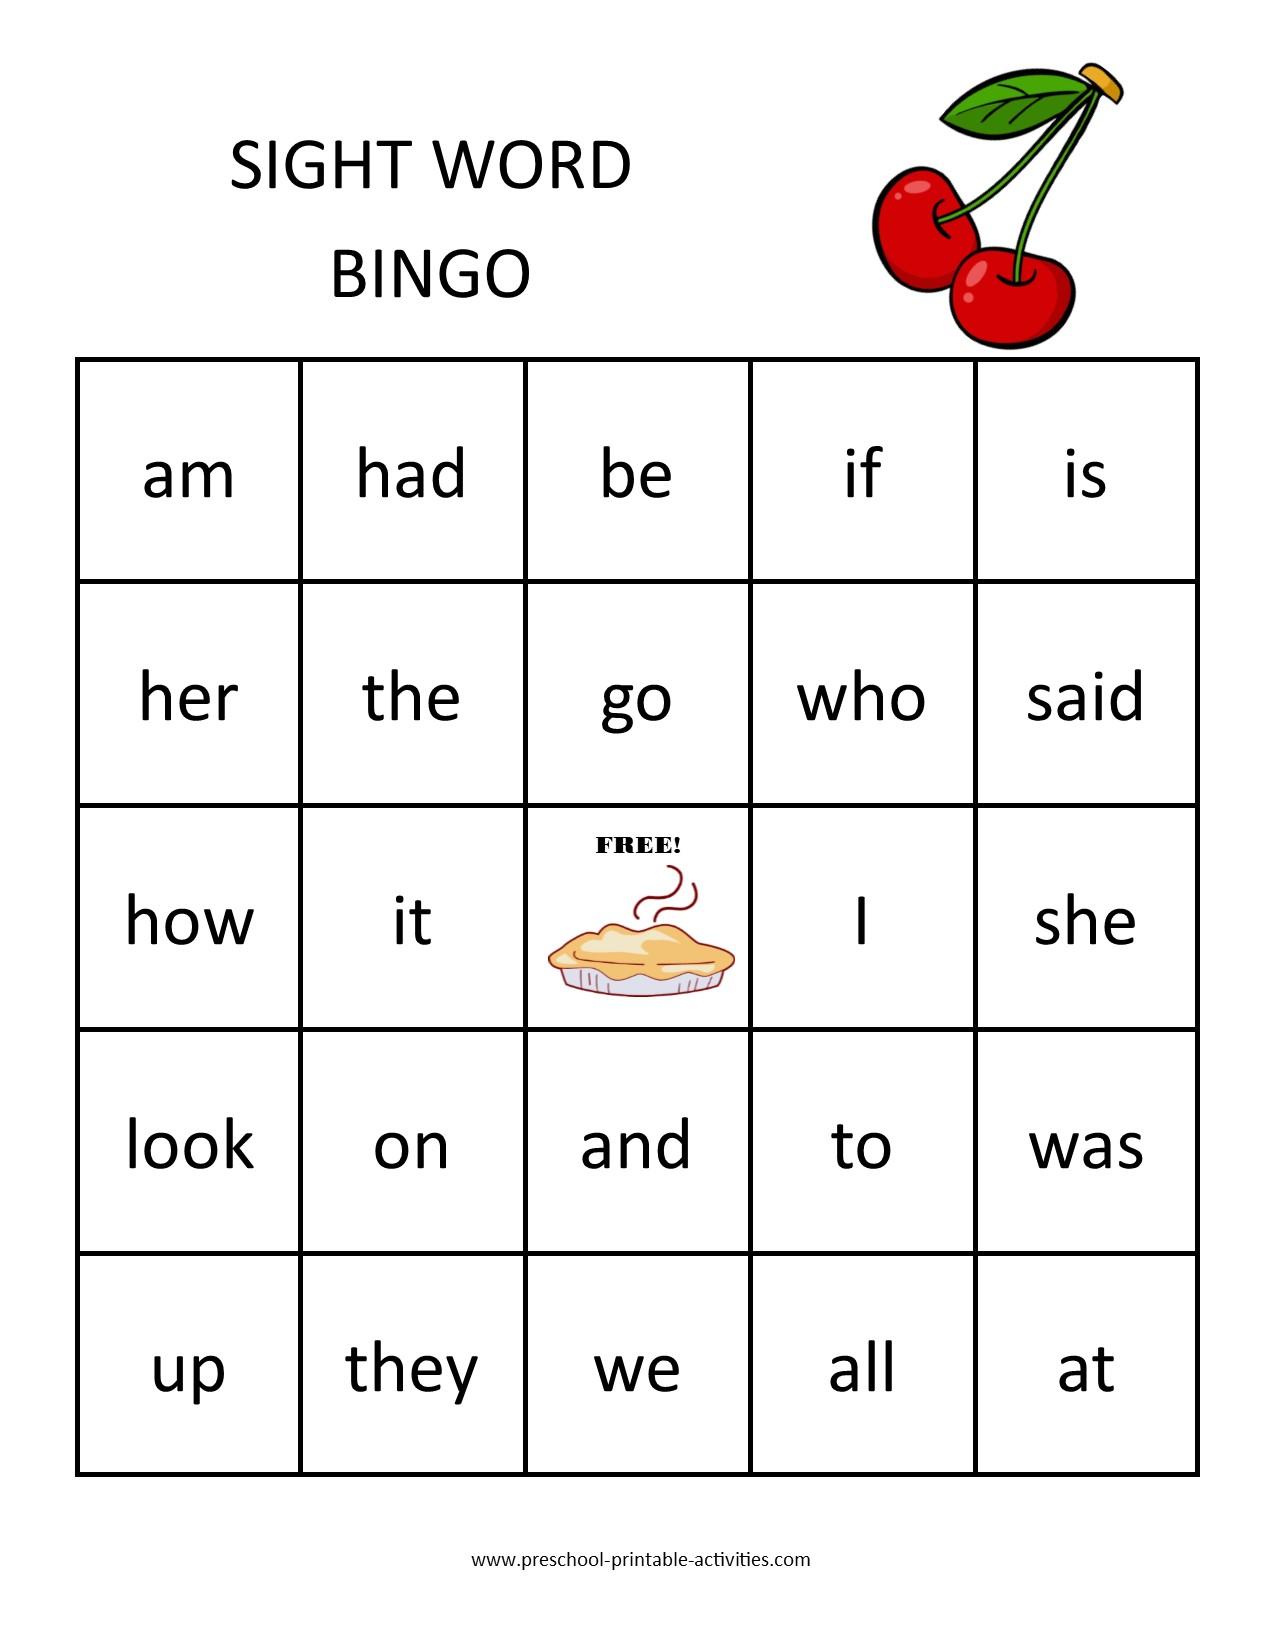 printable sight word bingo game board